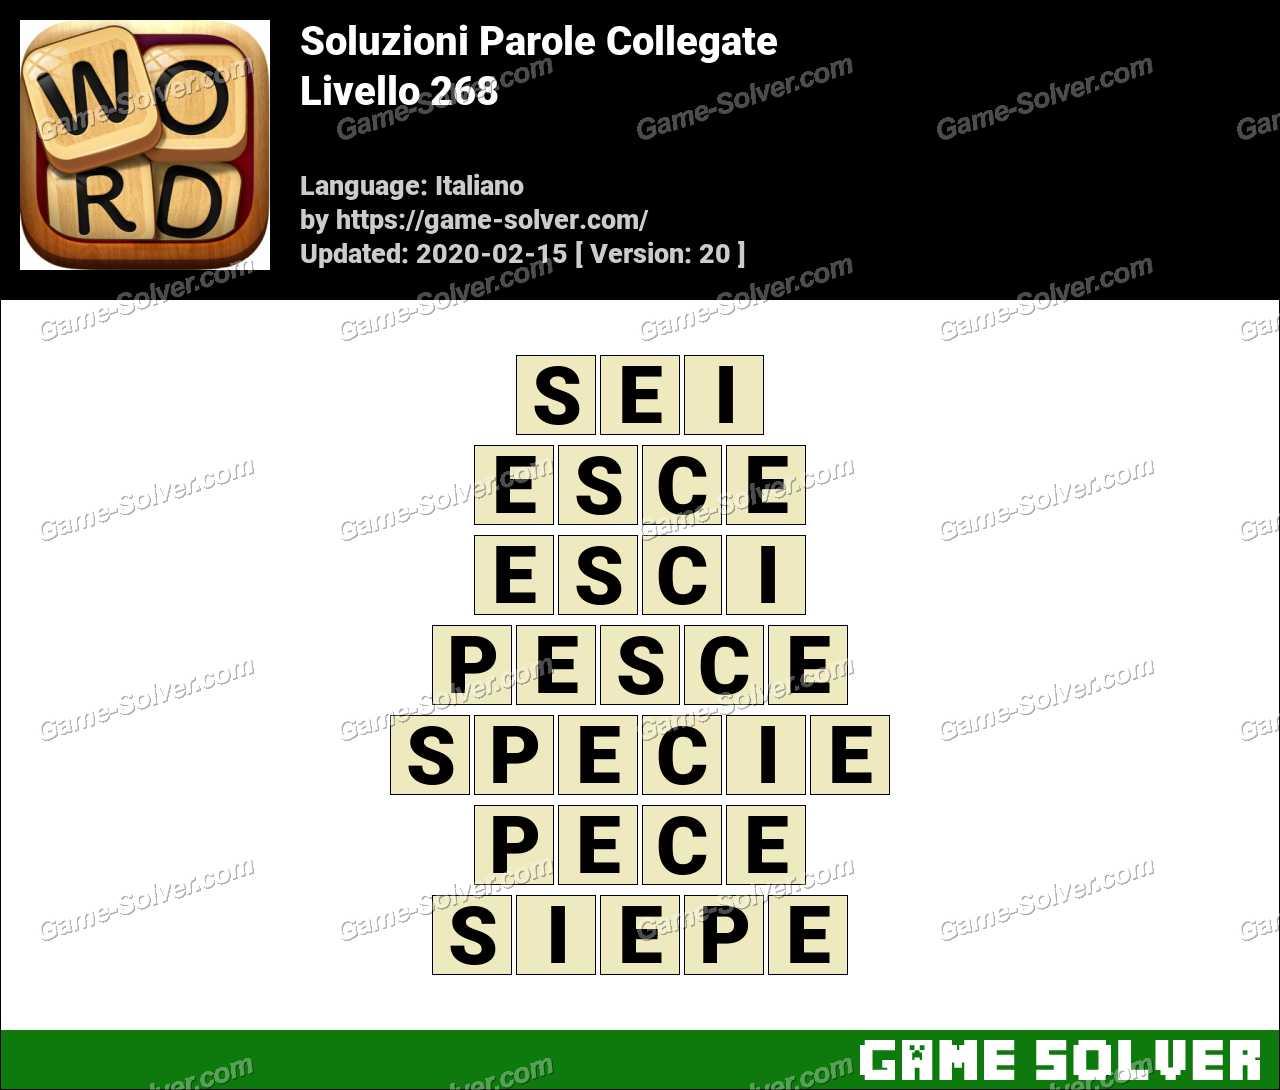 Soluzioni Parole Collegate Livello 268